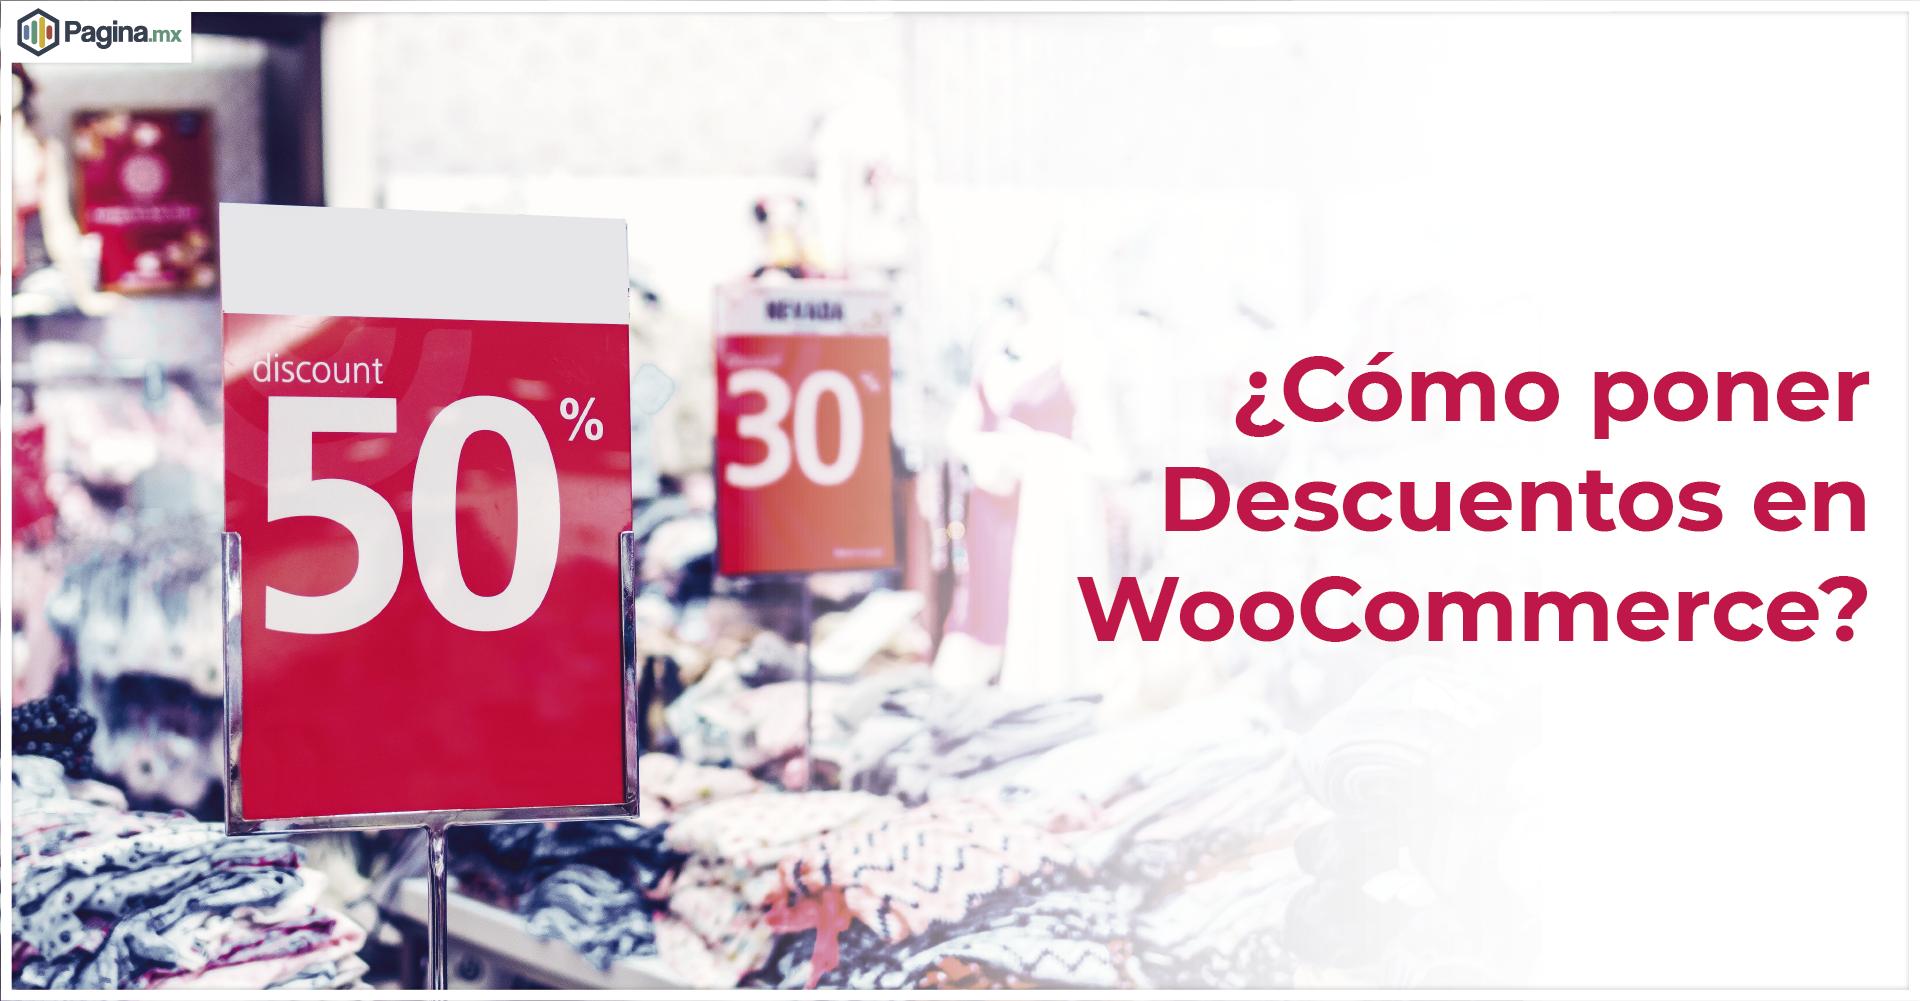 ¿Cómo poner Descuentos en WooCommerce?